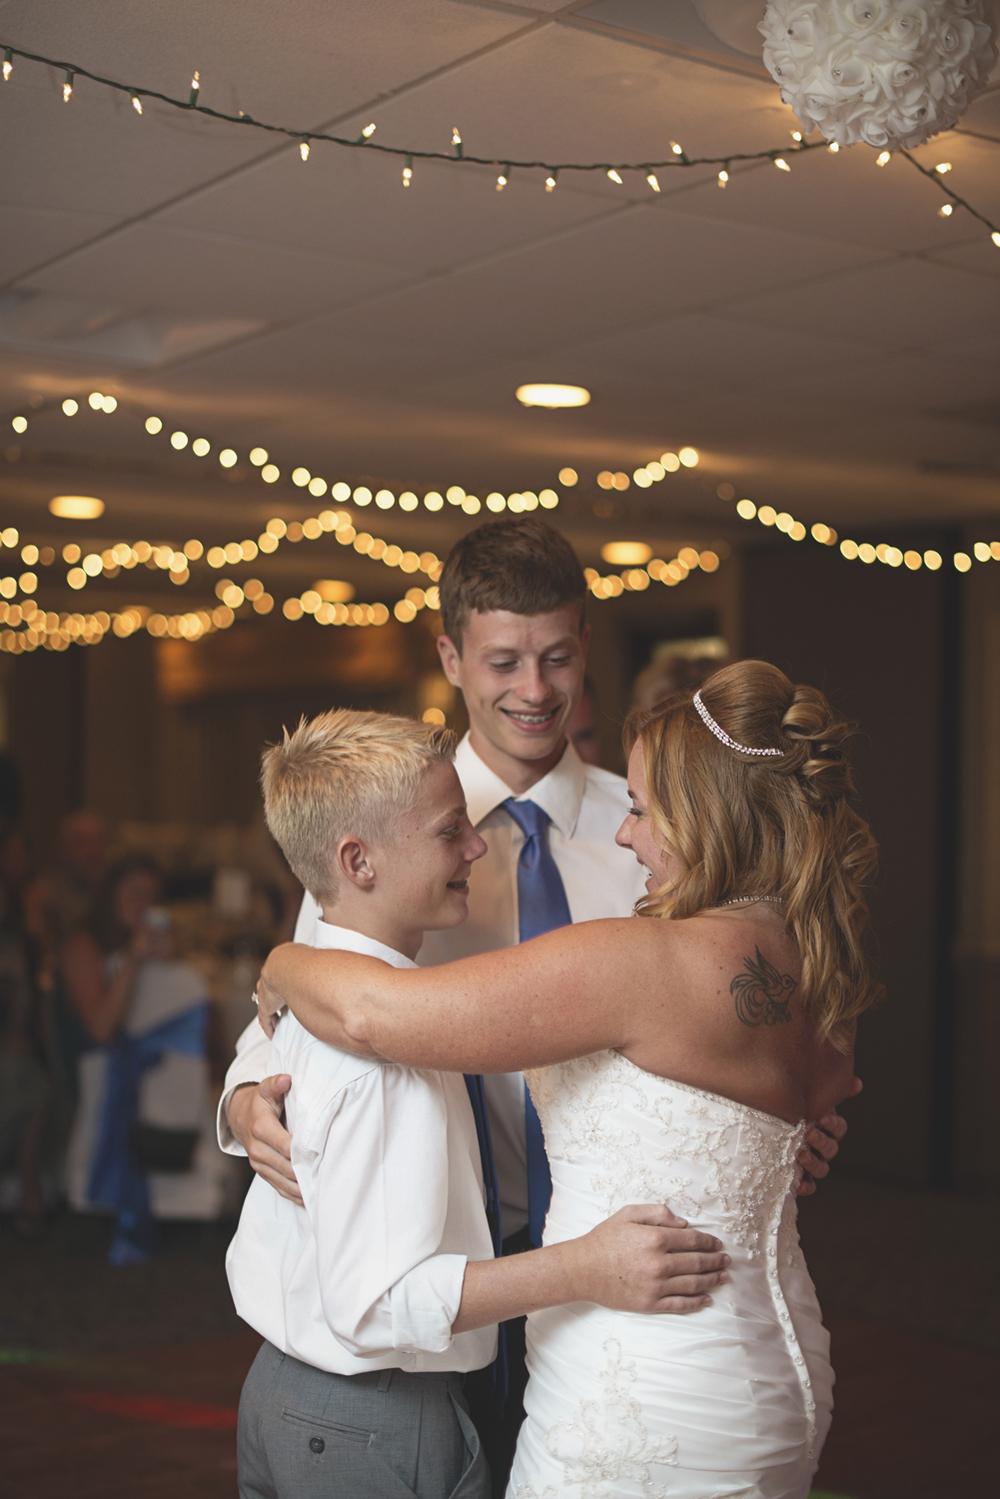 Virginia Beach Oceanfront Wedding | Wedding reception guests dancing